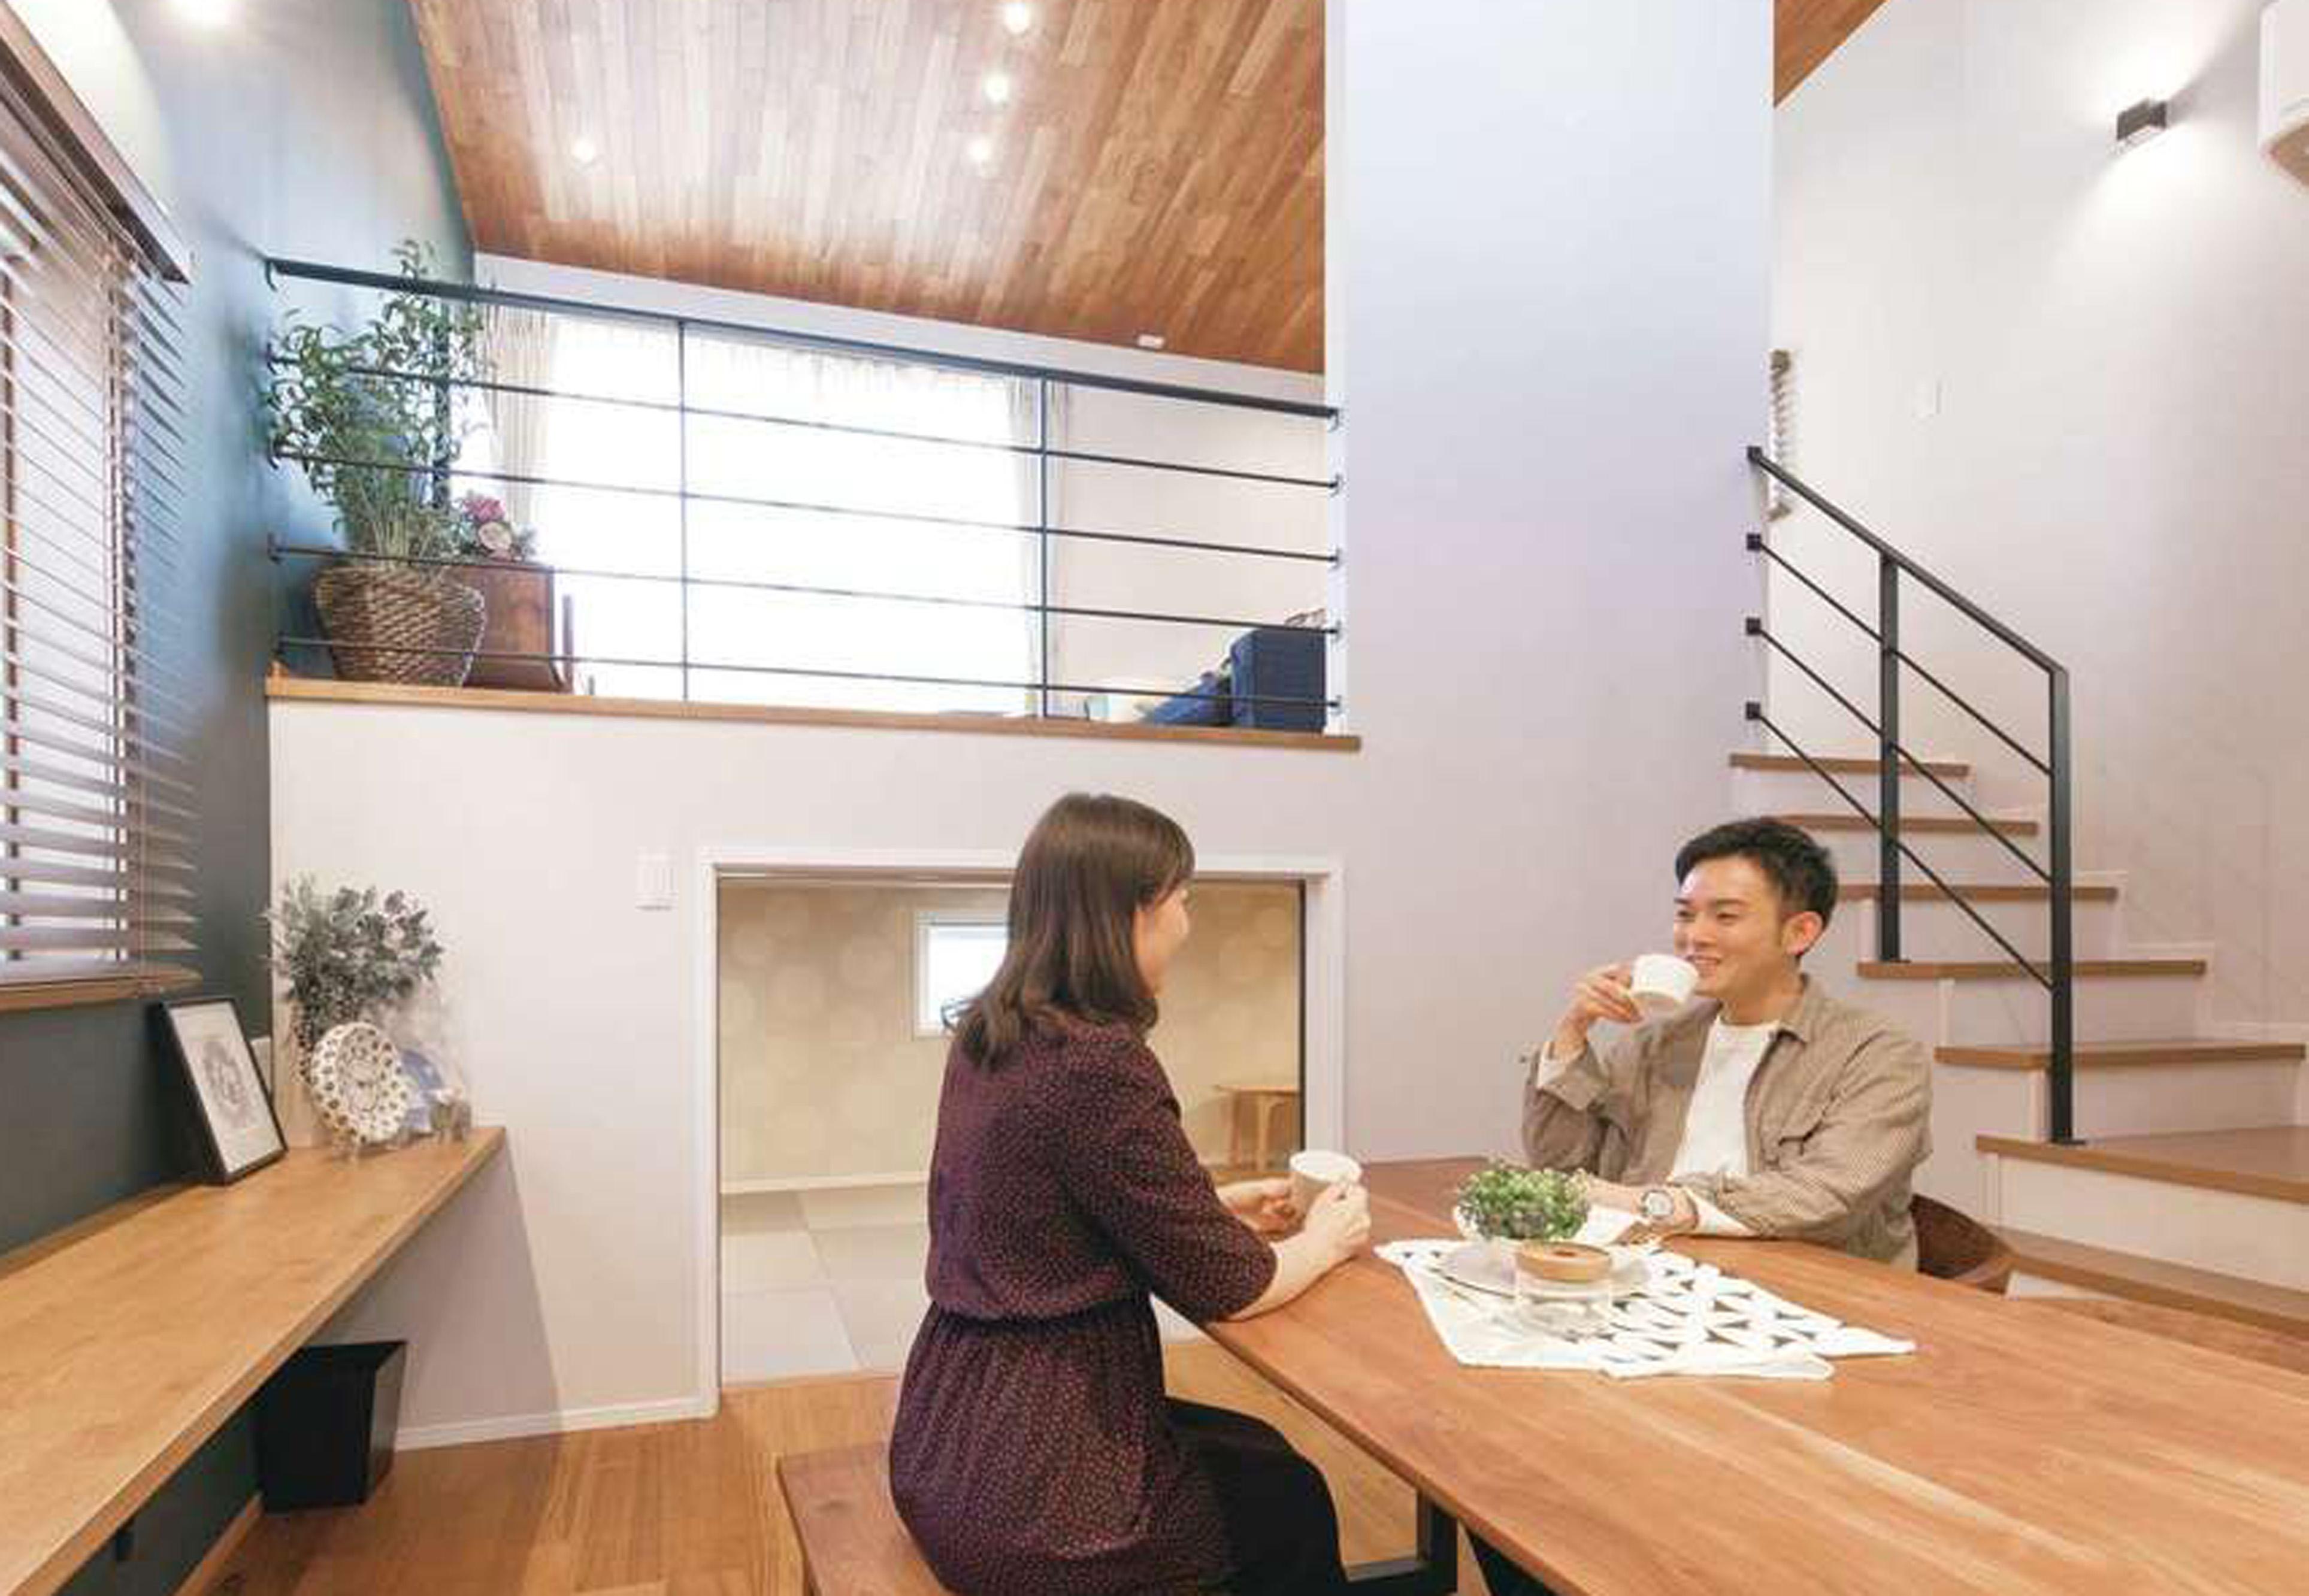 静鉄ホームズ【デザイン住宅、省エネ、間取り】キッチンと横並びのダイニングは高天井で開放感満点。スキップフロアの下は収納として活用